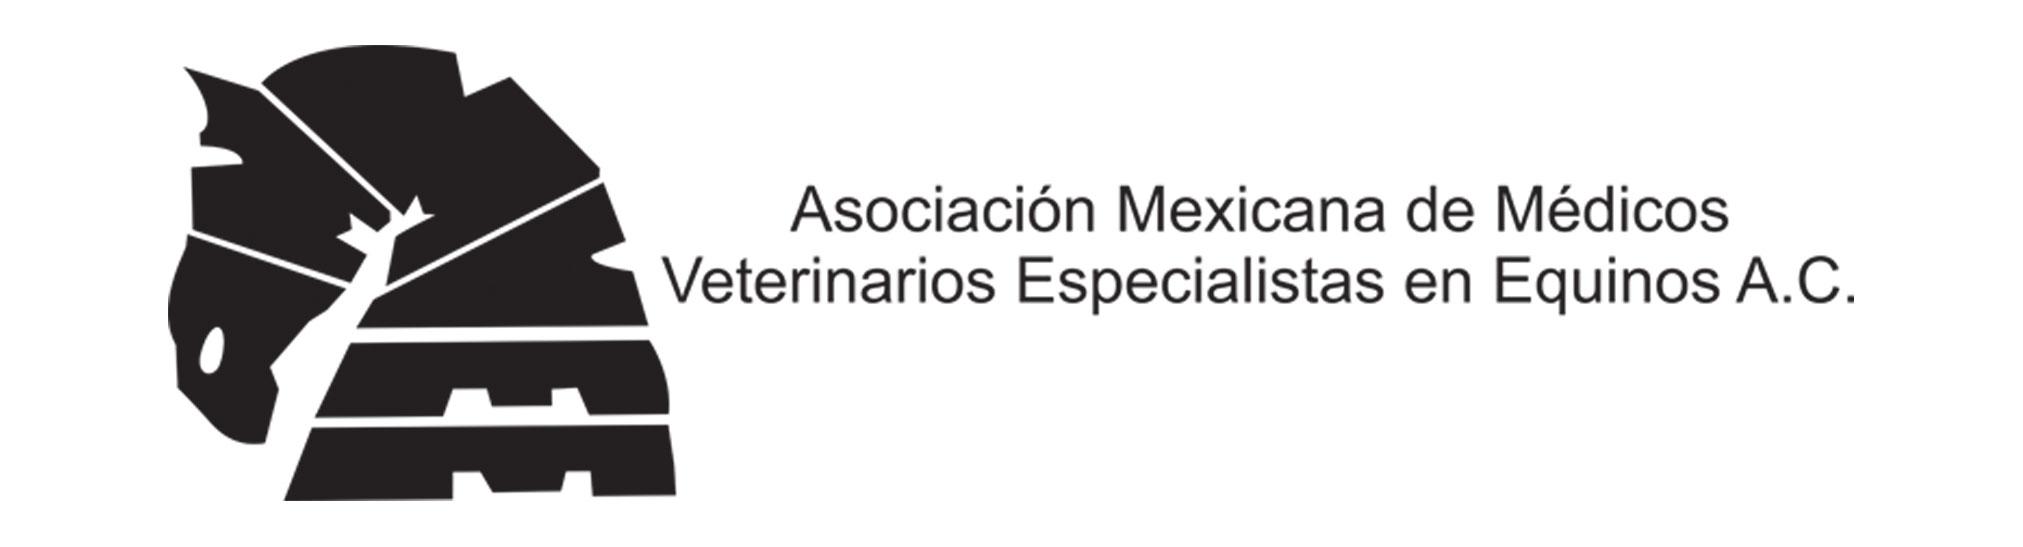 Asociación Mexicana de Médicos Veterinarios Especialistas en Equinos A.C. ®